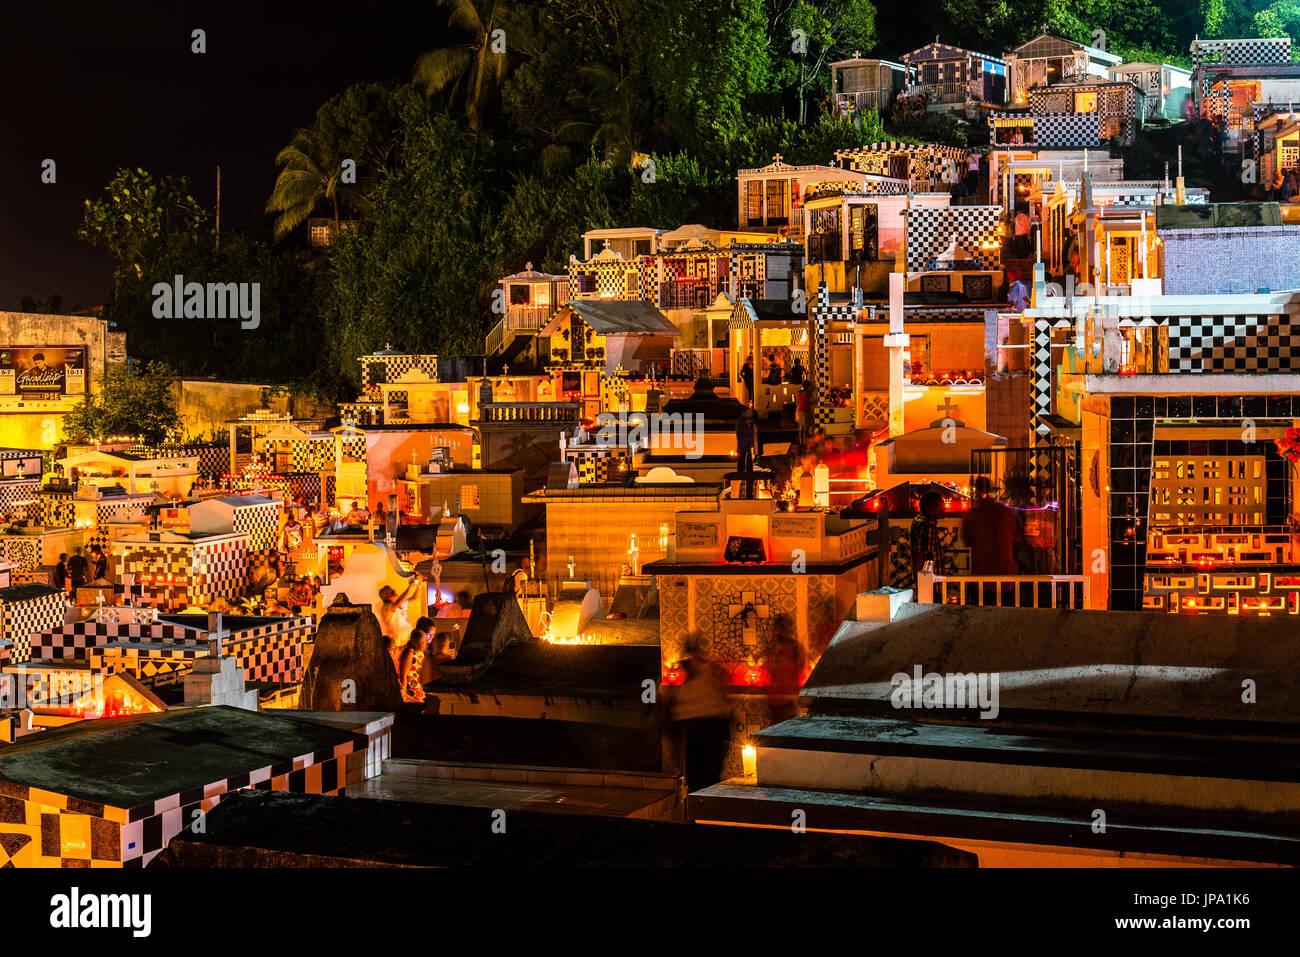 """MORNE-A-l ' eau, GUADELOUPE - 1. November 2015: Friedhof in """"Morne-À-l 'eau"""", Guadeloupe. mit brennenden Kerzen auf Allerheiligen Stockbild"""